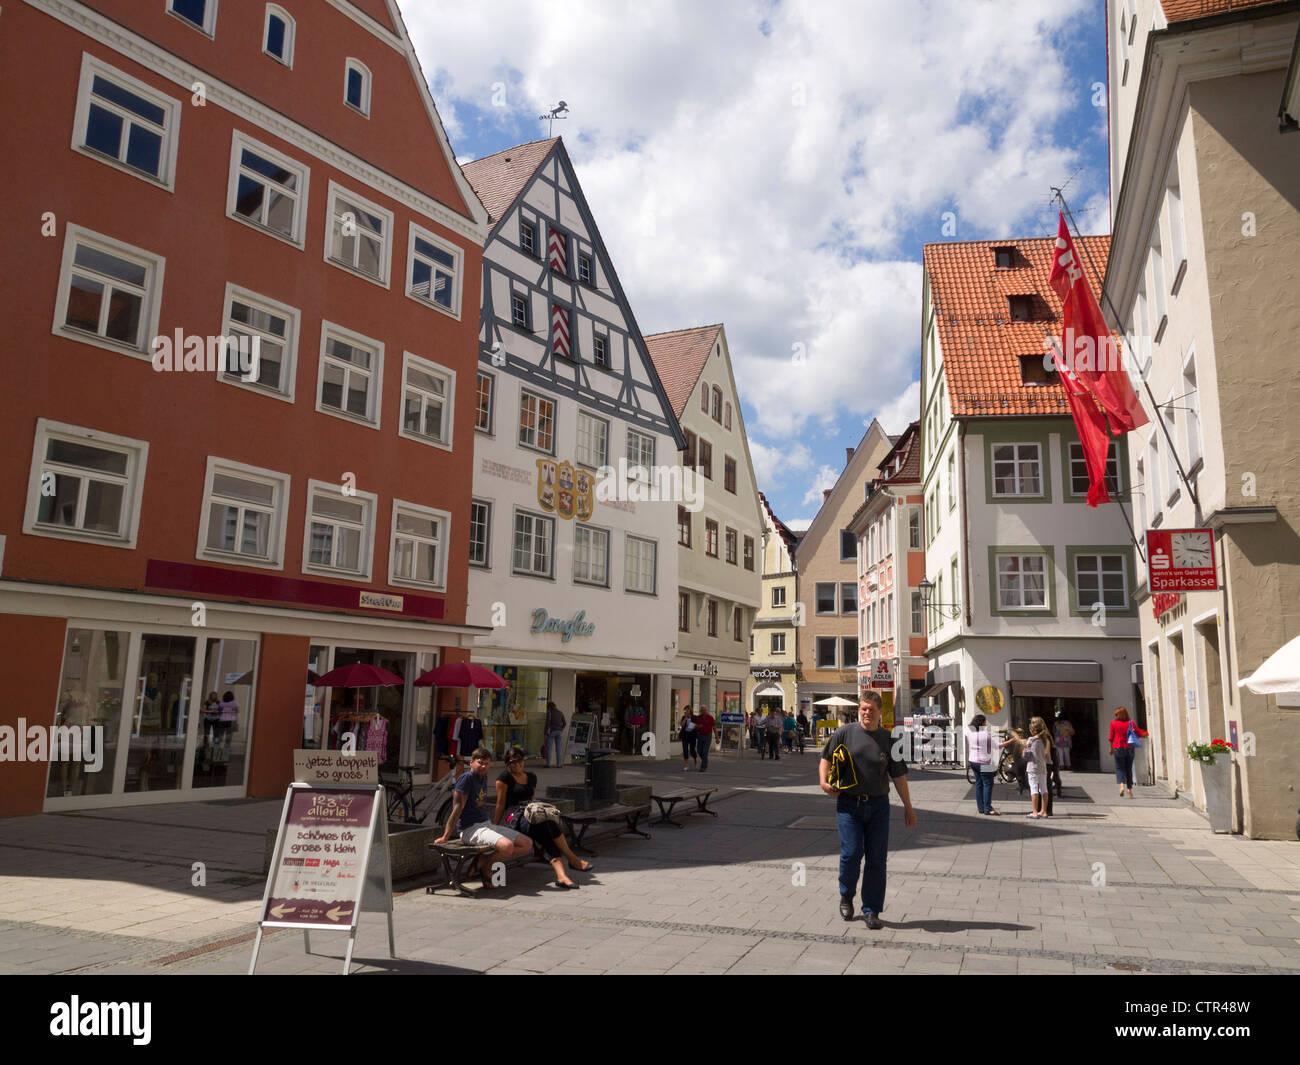 Kramerstraße in Memmingen, Bavaria, Germany, Europe - Stock Image